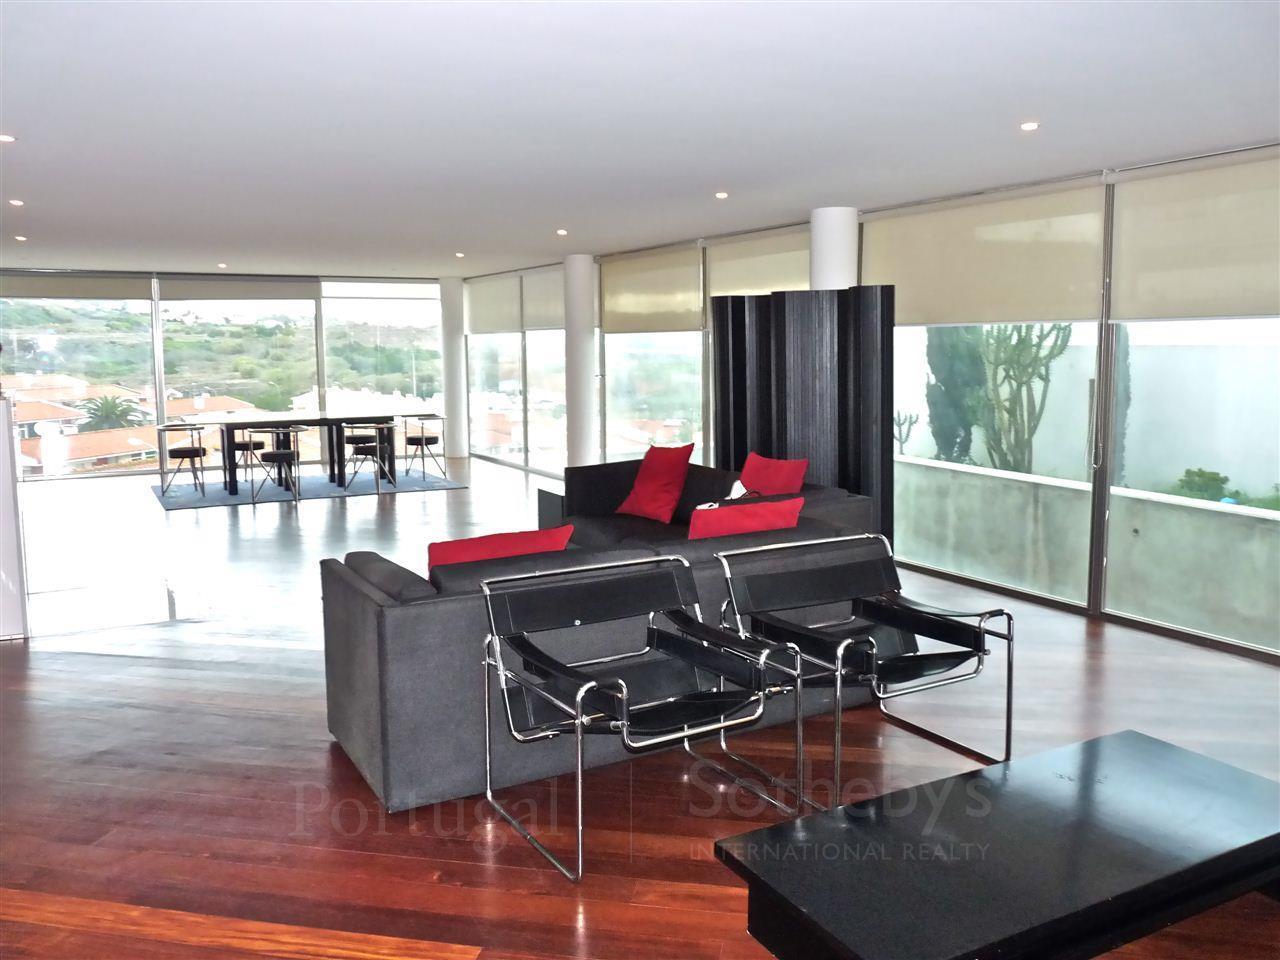 Maison unifamiliale pour l Vente à House, 4 bedrooms, for Sale Caxias, Oeiras, Lisbonne Portugal